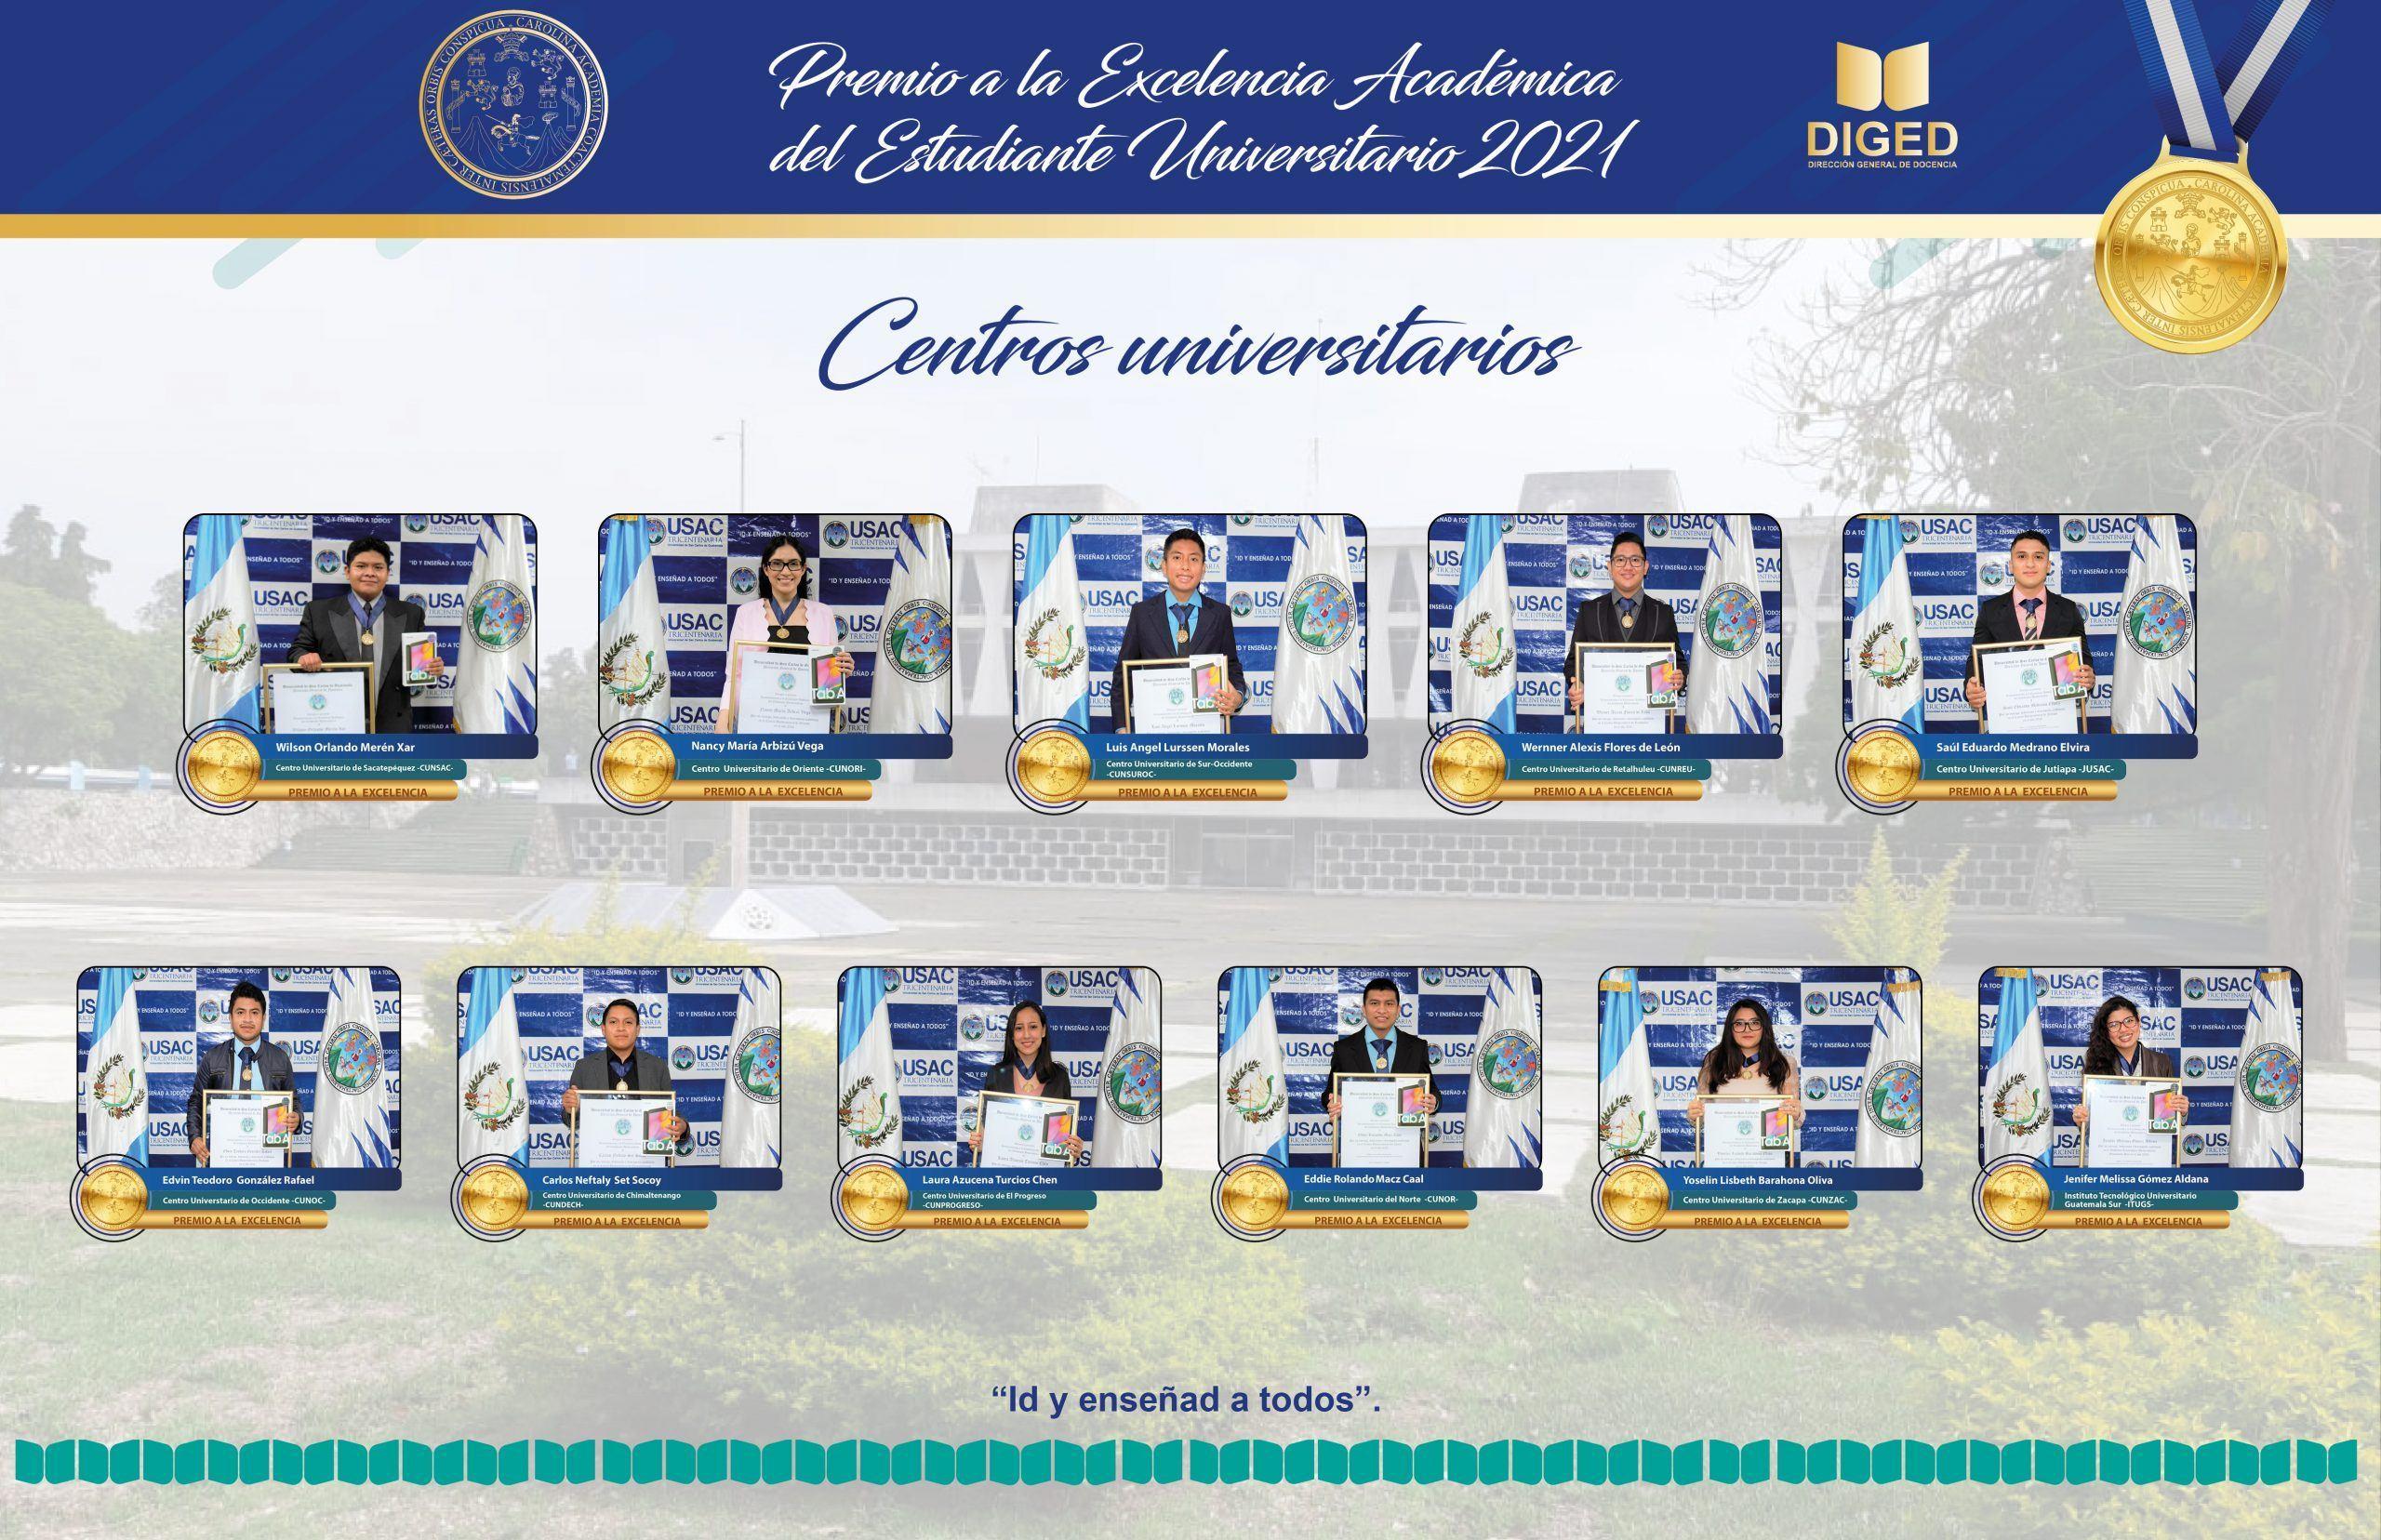 premio excelencia academica usac 2021 centros universitarios